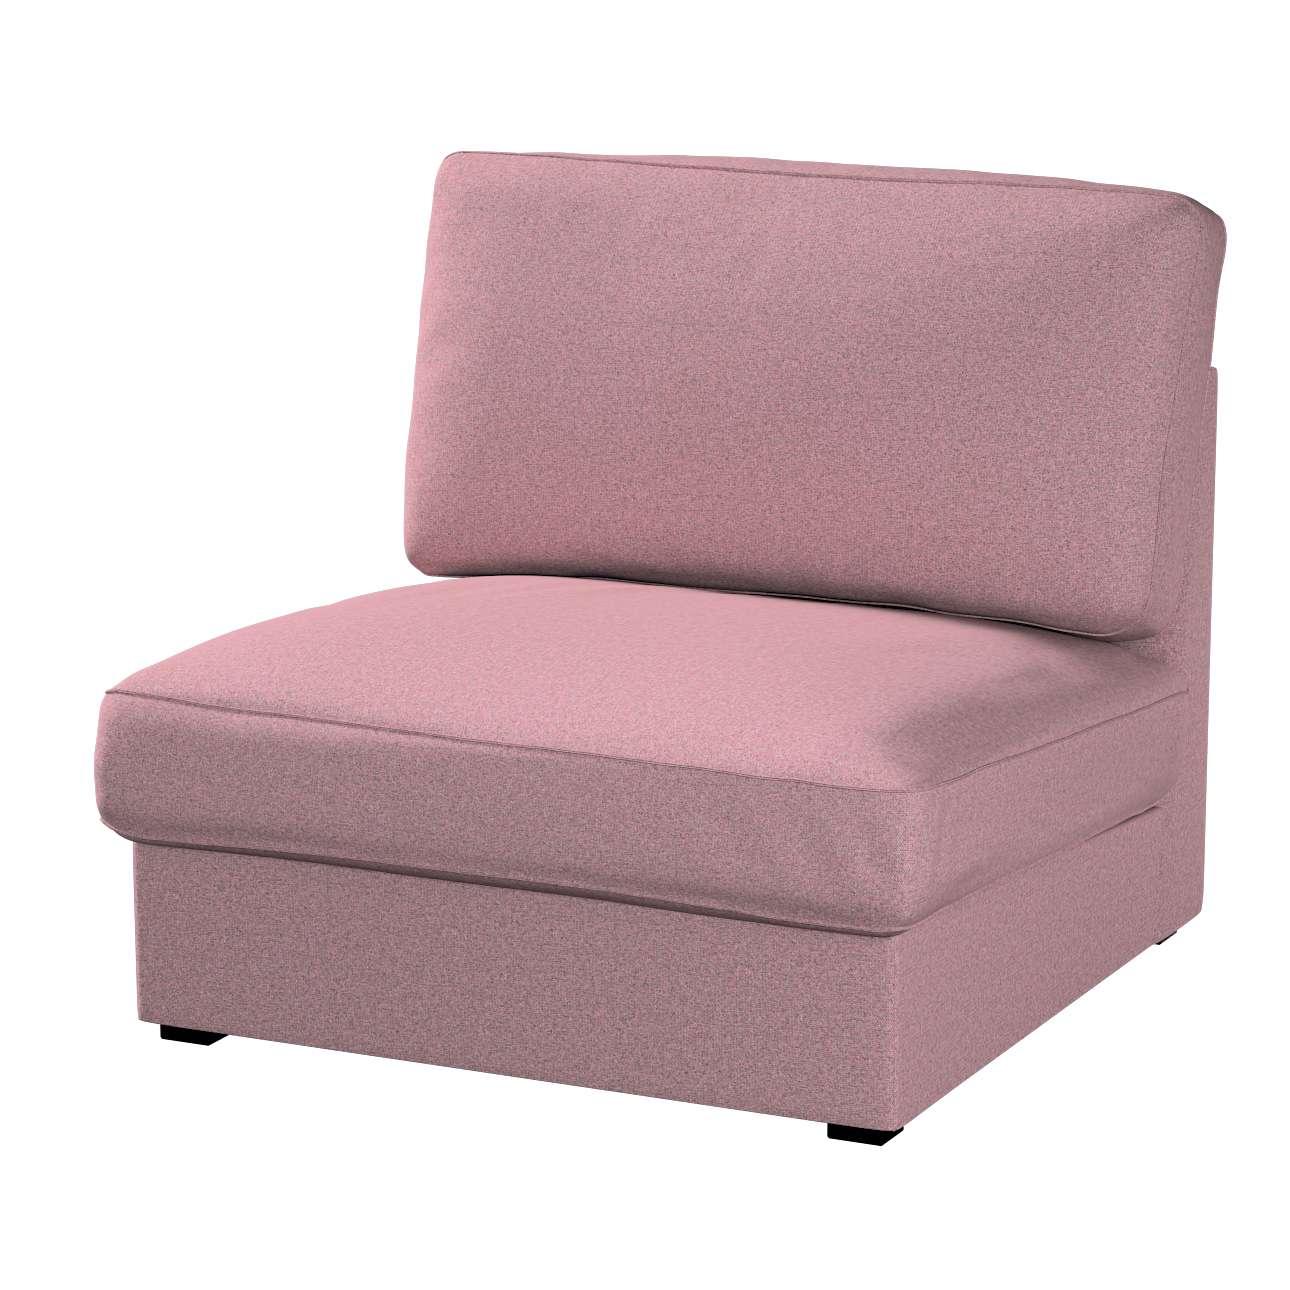 Pokrowiec na fotel Kivik w kolekcji Amsterdam, tkanina: 704-48